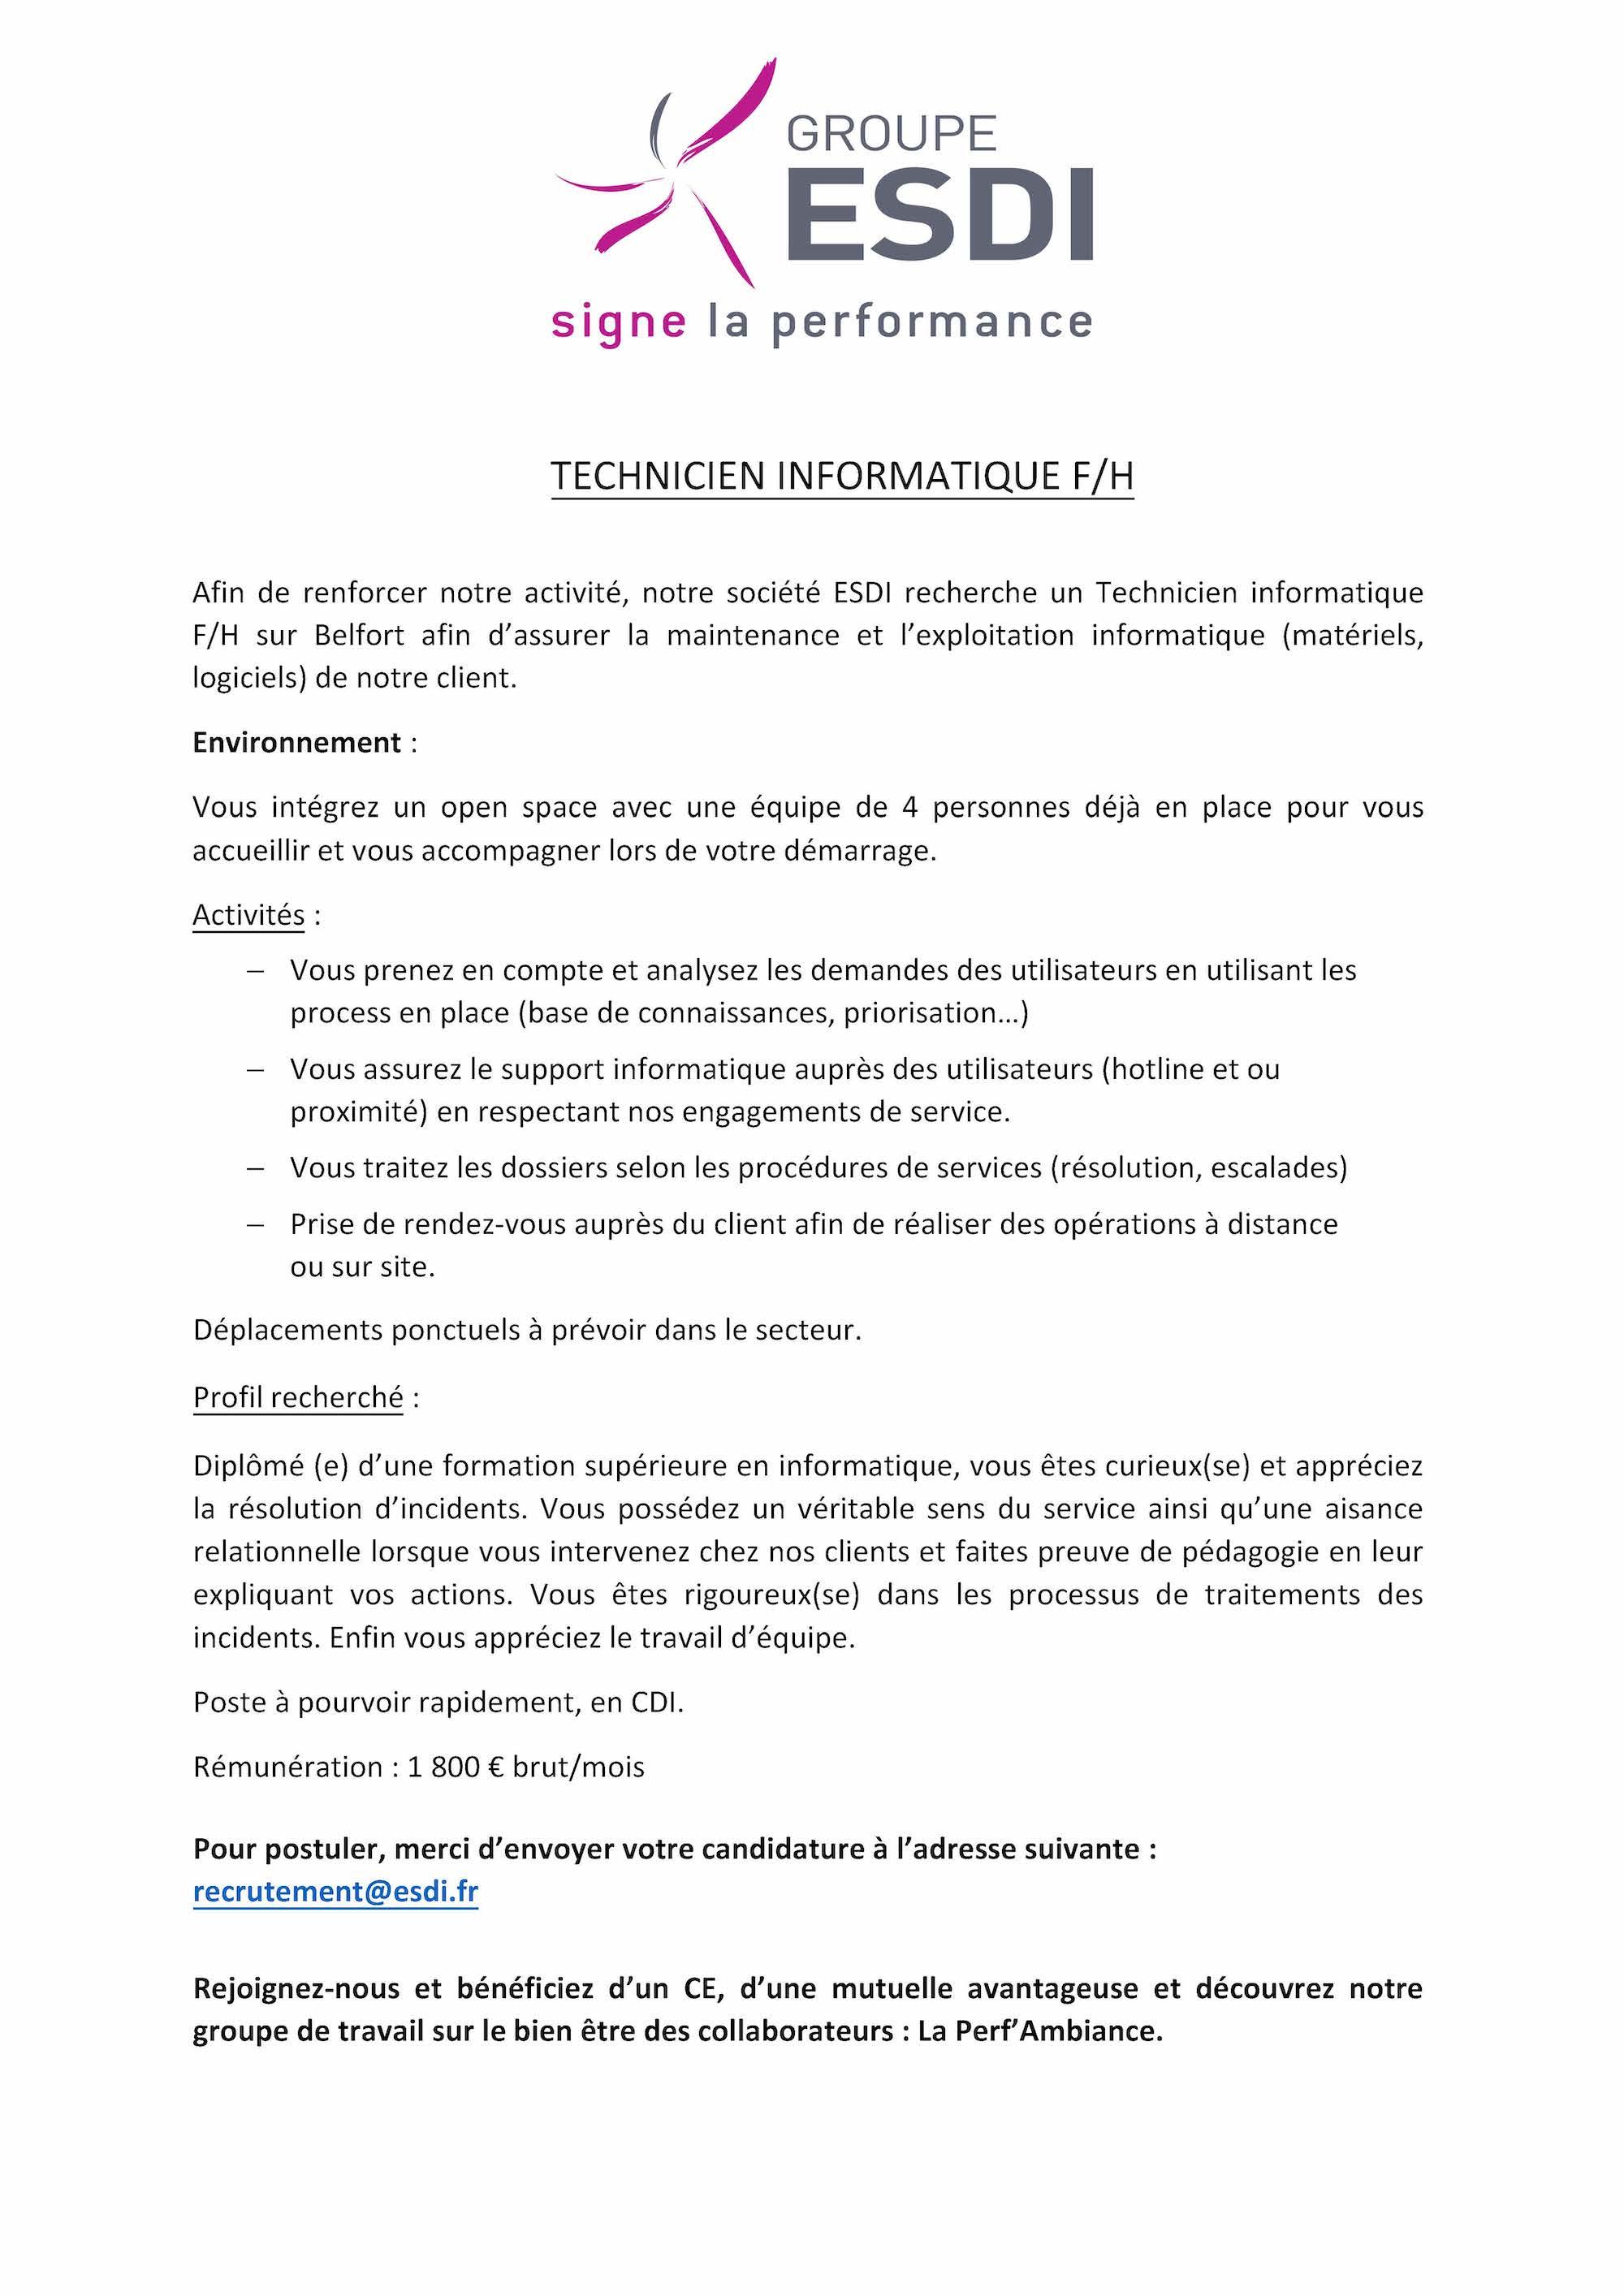 ESDI recrute 1 Technicien-ne Informatique à Belfort